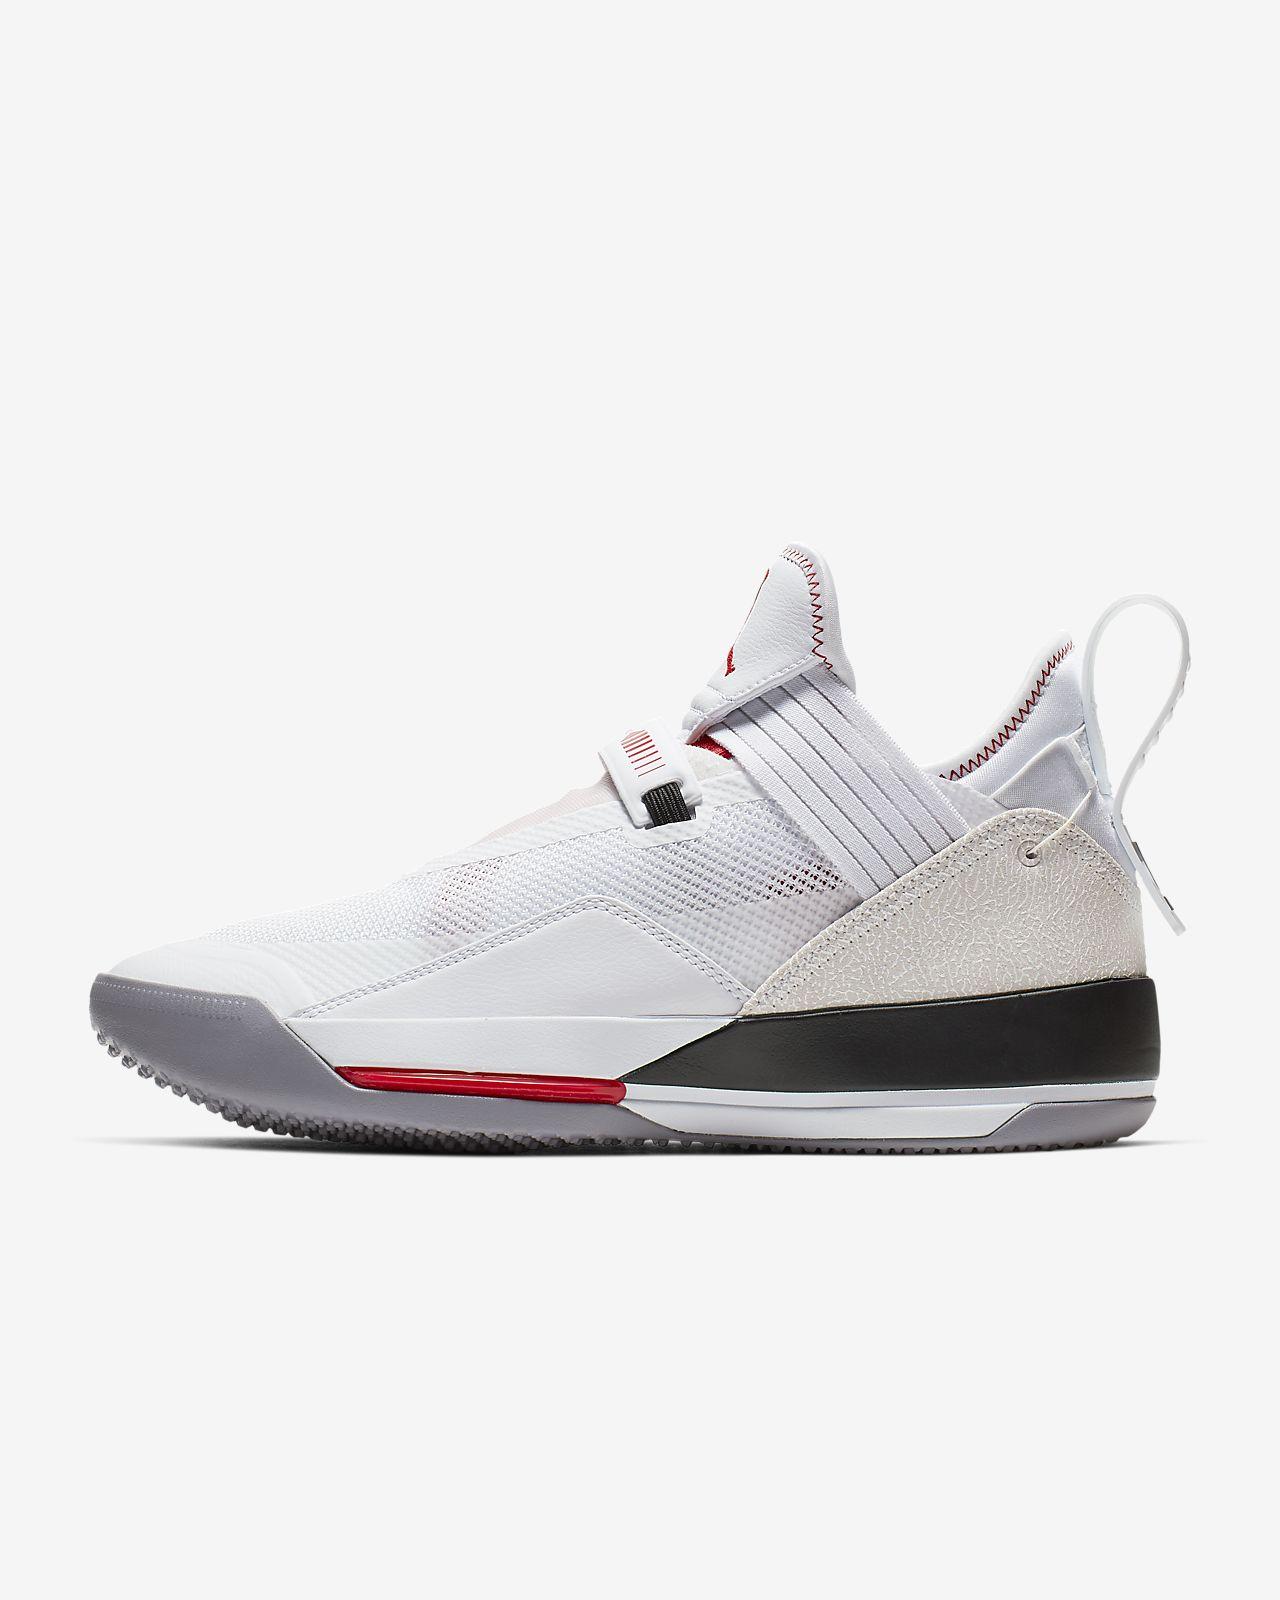 96dda648084 Calzado de básquetbol para hombre Air Jordan XXXIII SE. Nike.com CL